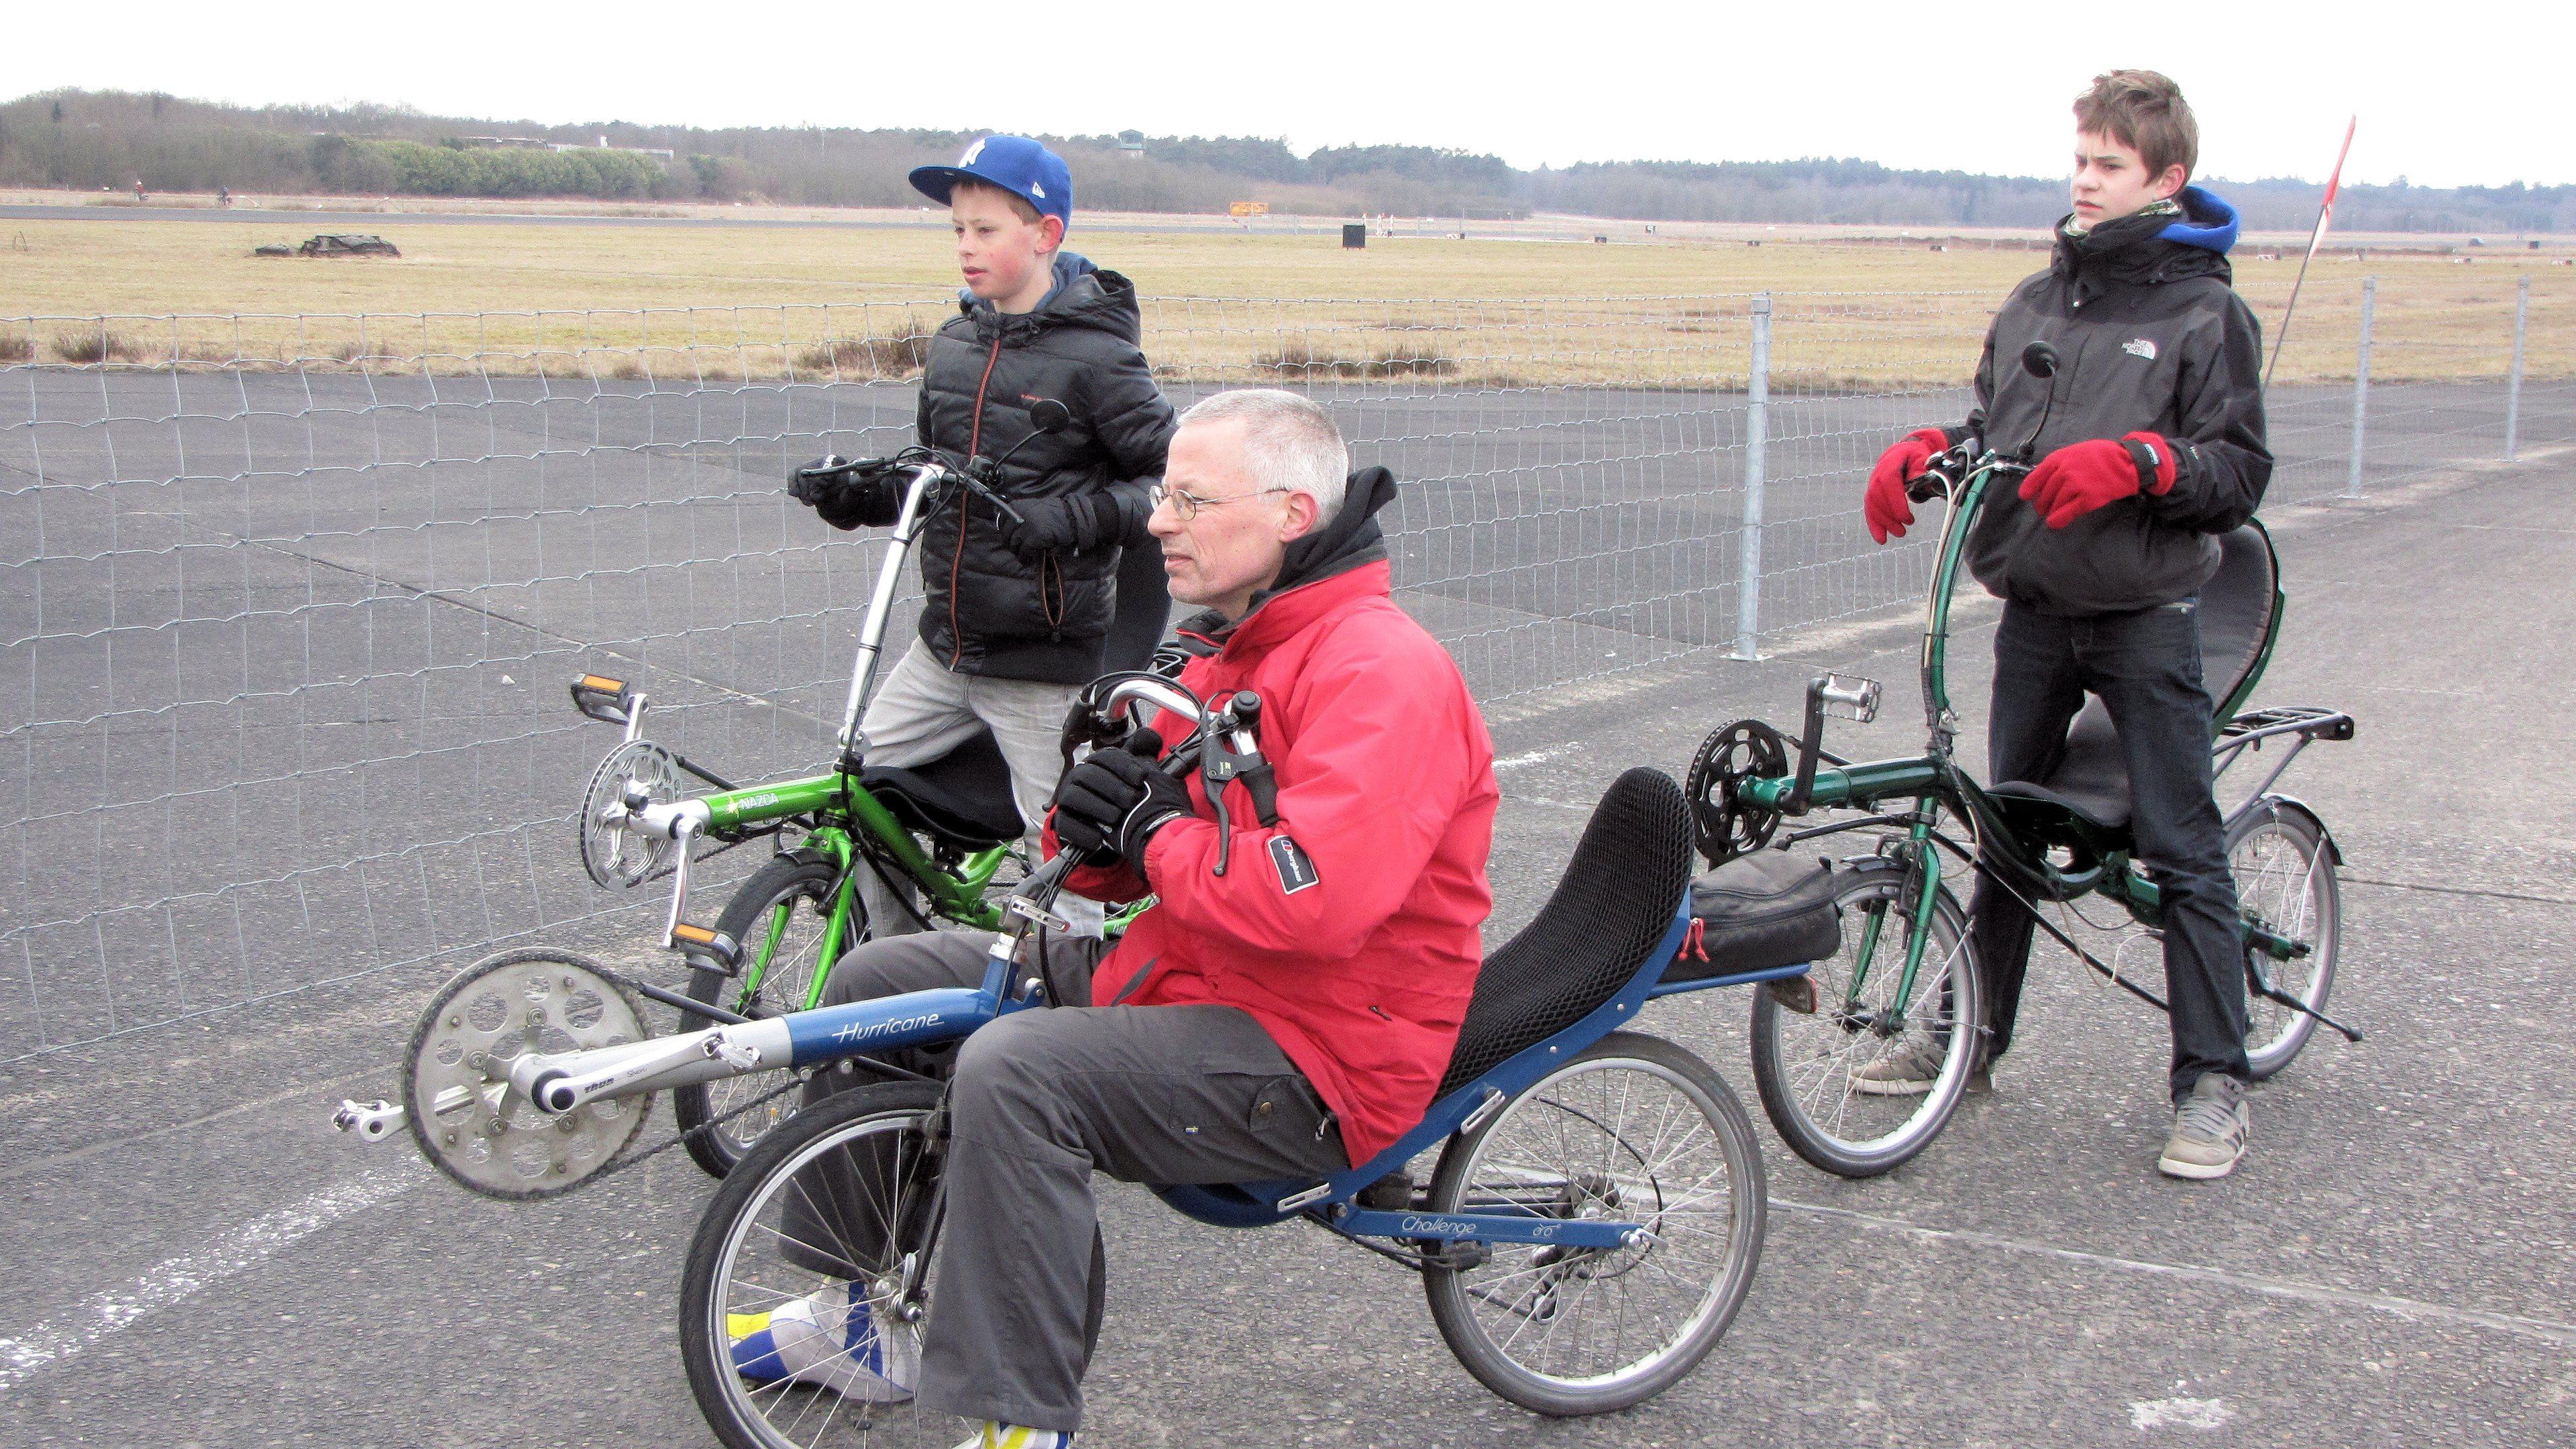 ligfietsstop vliegveld soesterberg 30 maart 2013